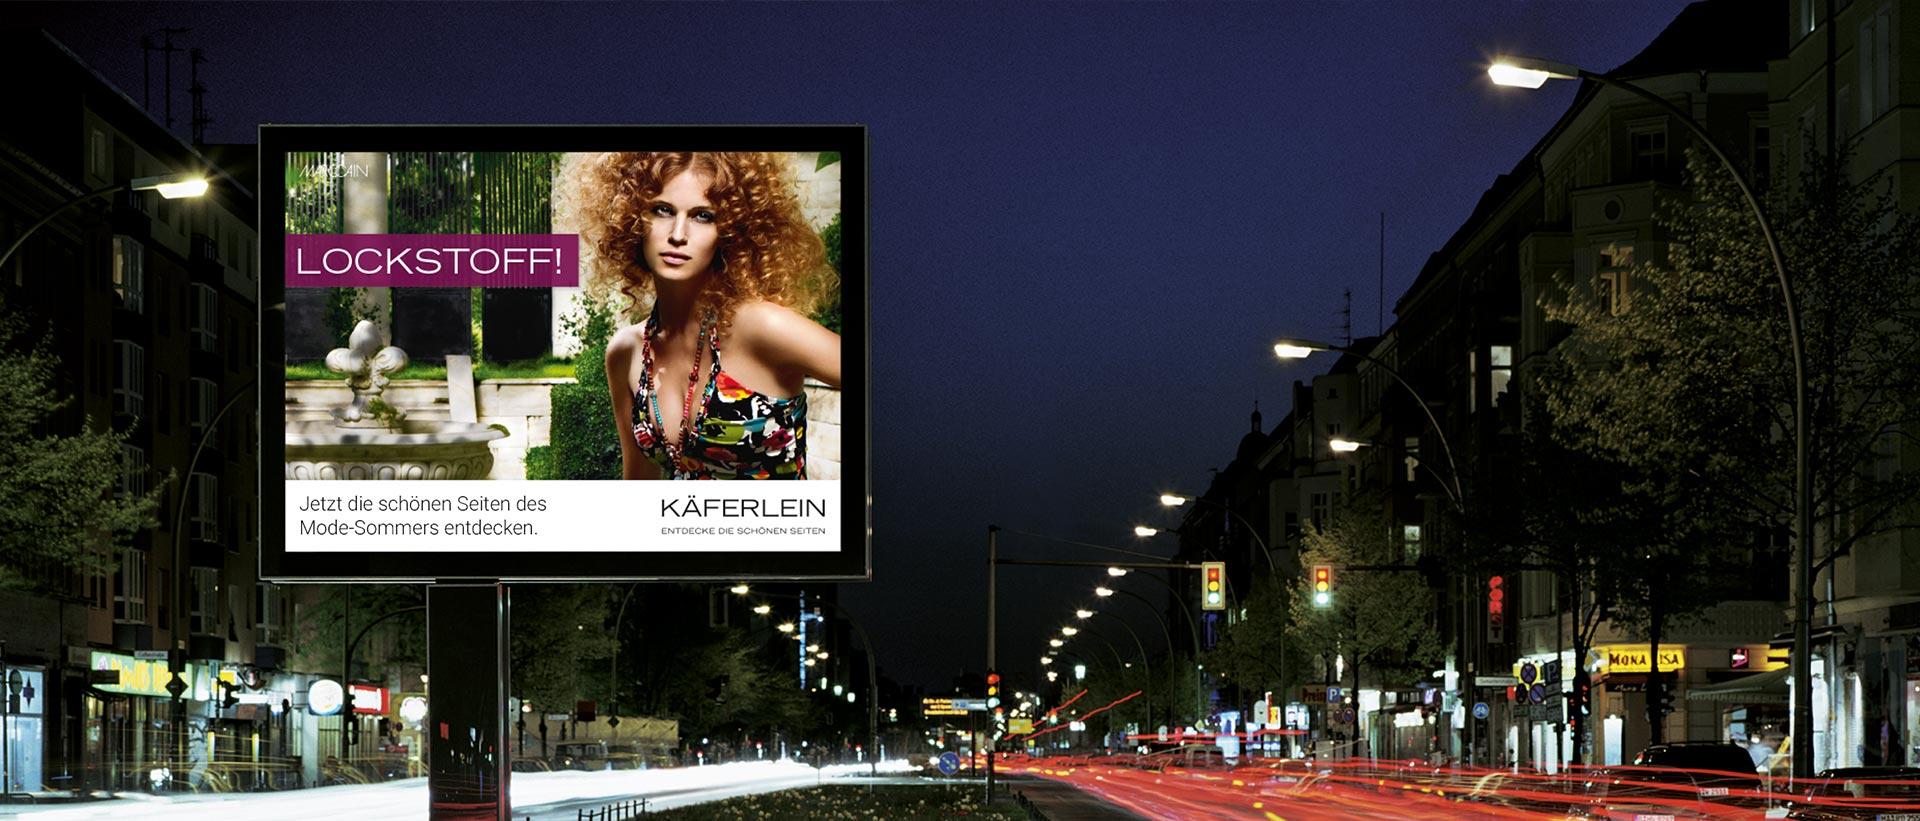 Für KÄFERLEIN konzipierte und realisierte REINGOLD die komplette Werbung.